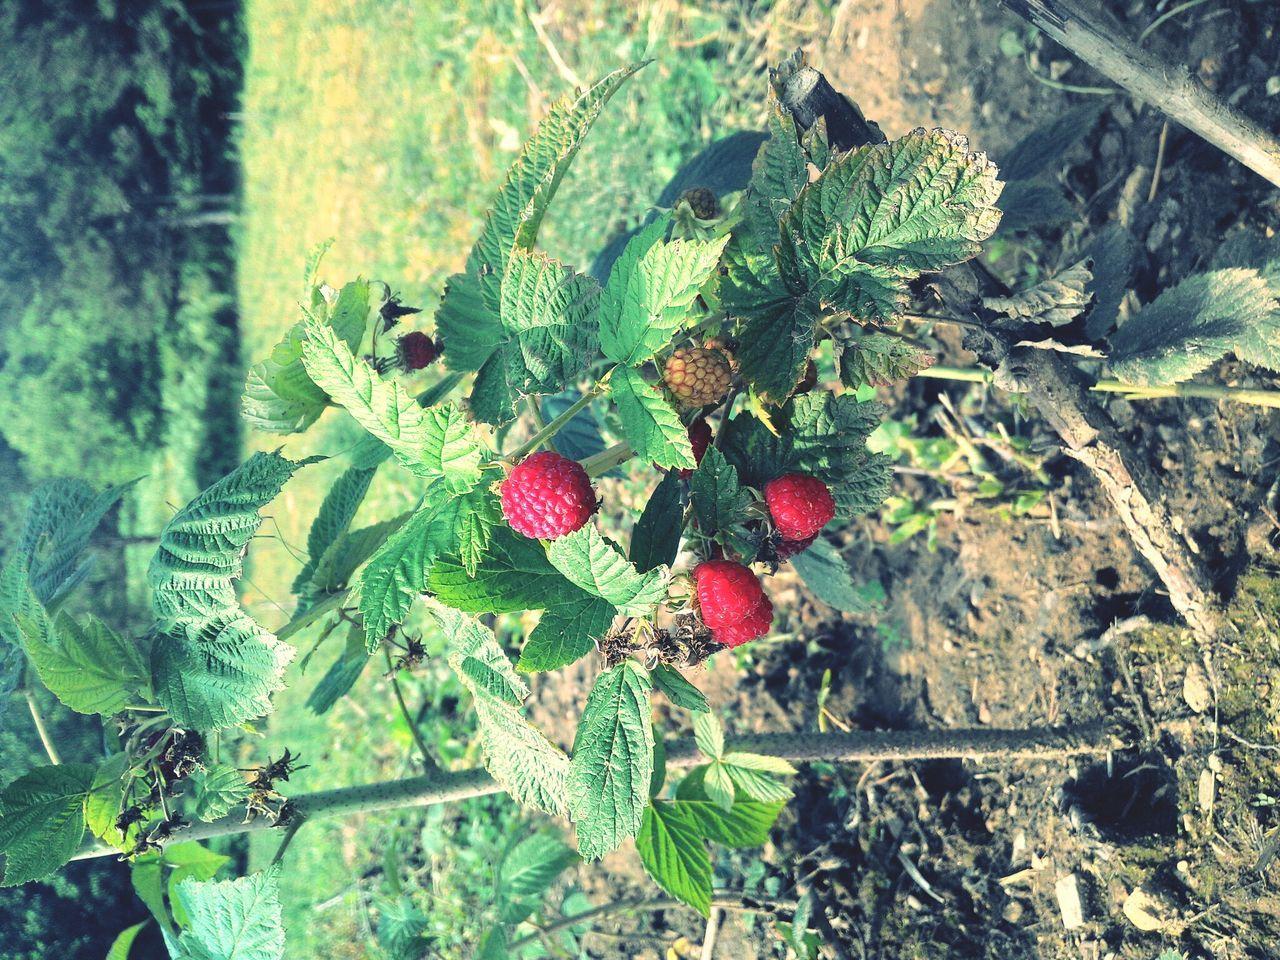 Ahududu Raspberry Nature Fruit Fruits DoğalyaşamSaitabat Bursa / Turkey Uludağın Etekleri :) 2015  Colorful